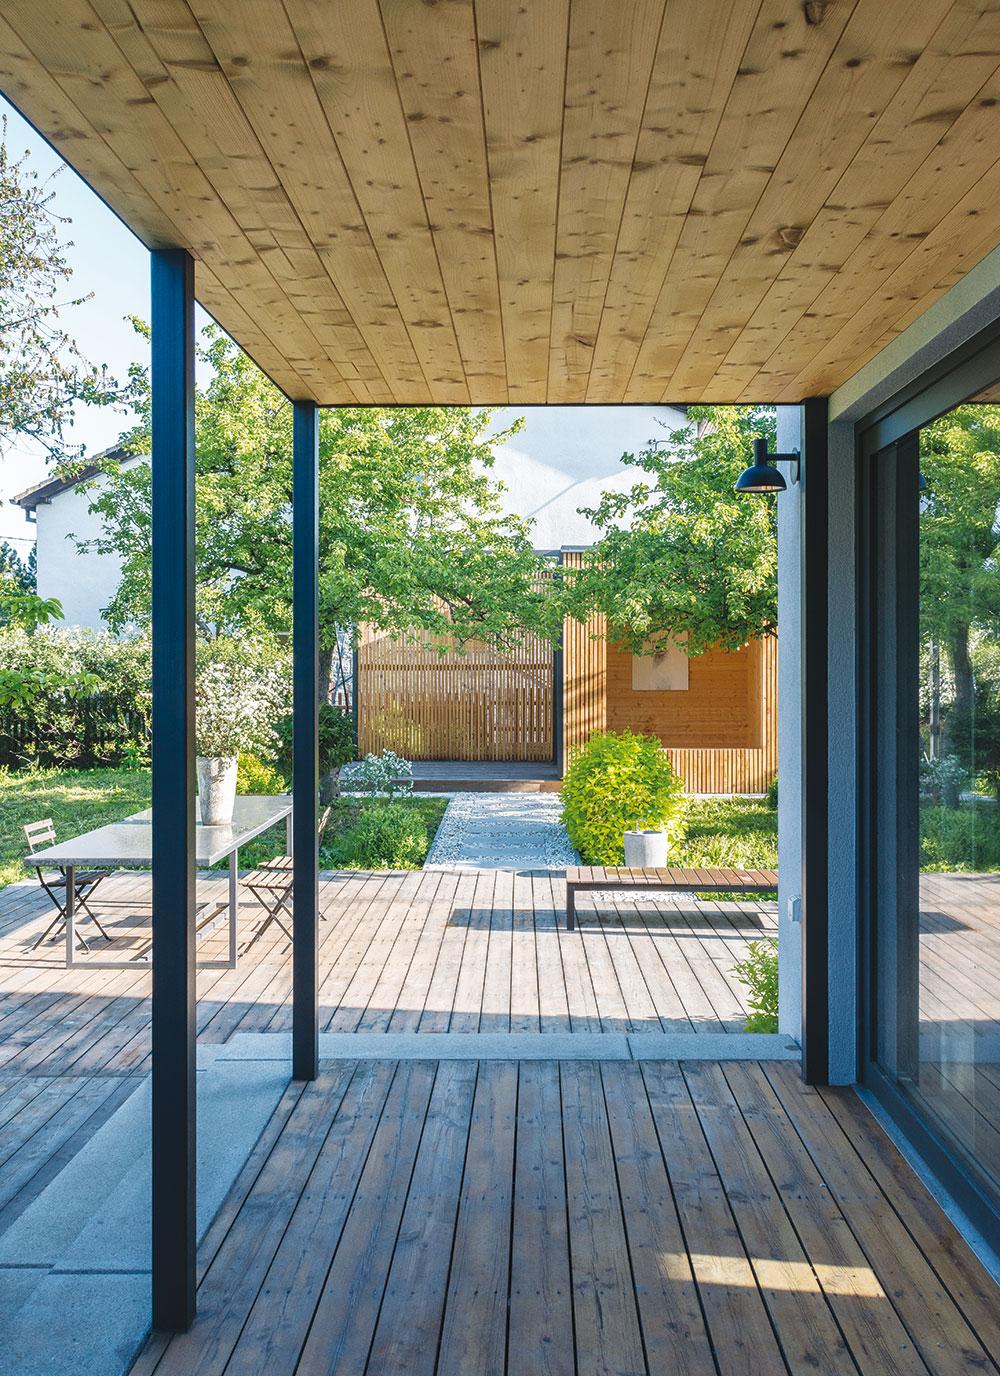 Využívání venkovních prostorů po většinu roku umožňuje krytá terasa. Vletních měsících zase poskytnou přirozenou ochranu před sluncem stromy.FOTO IVETA KOPICOVÁ